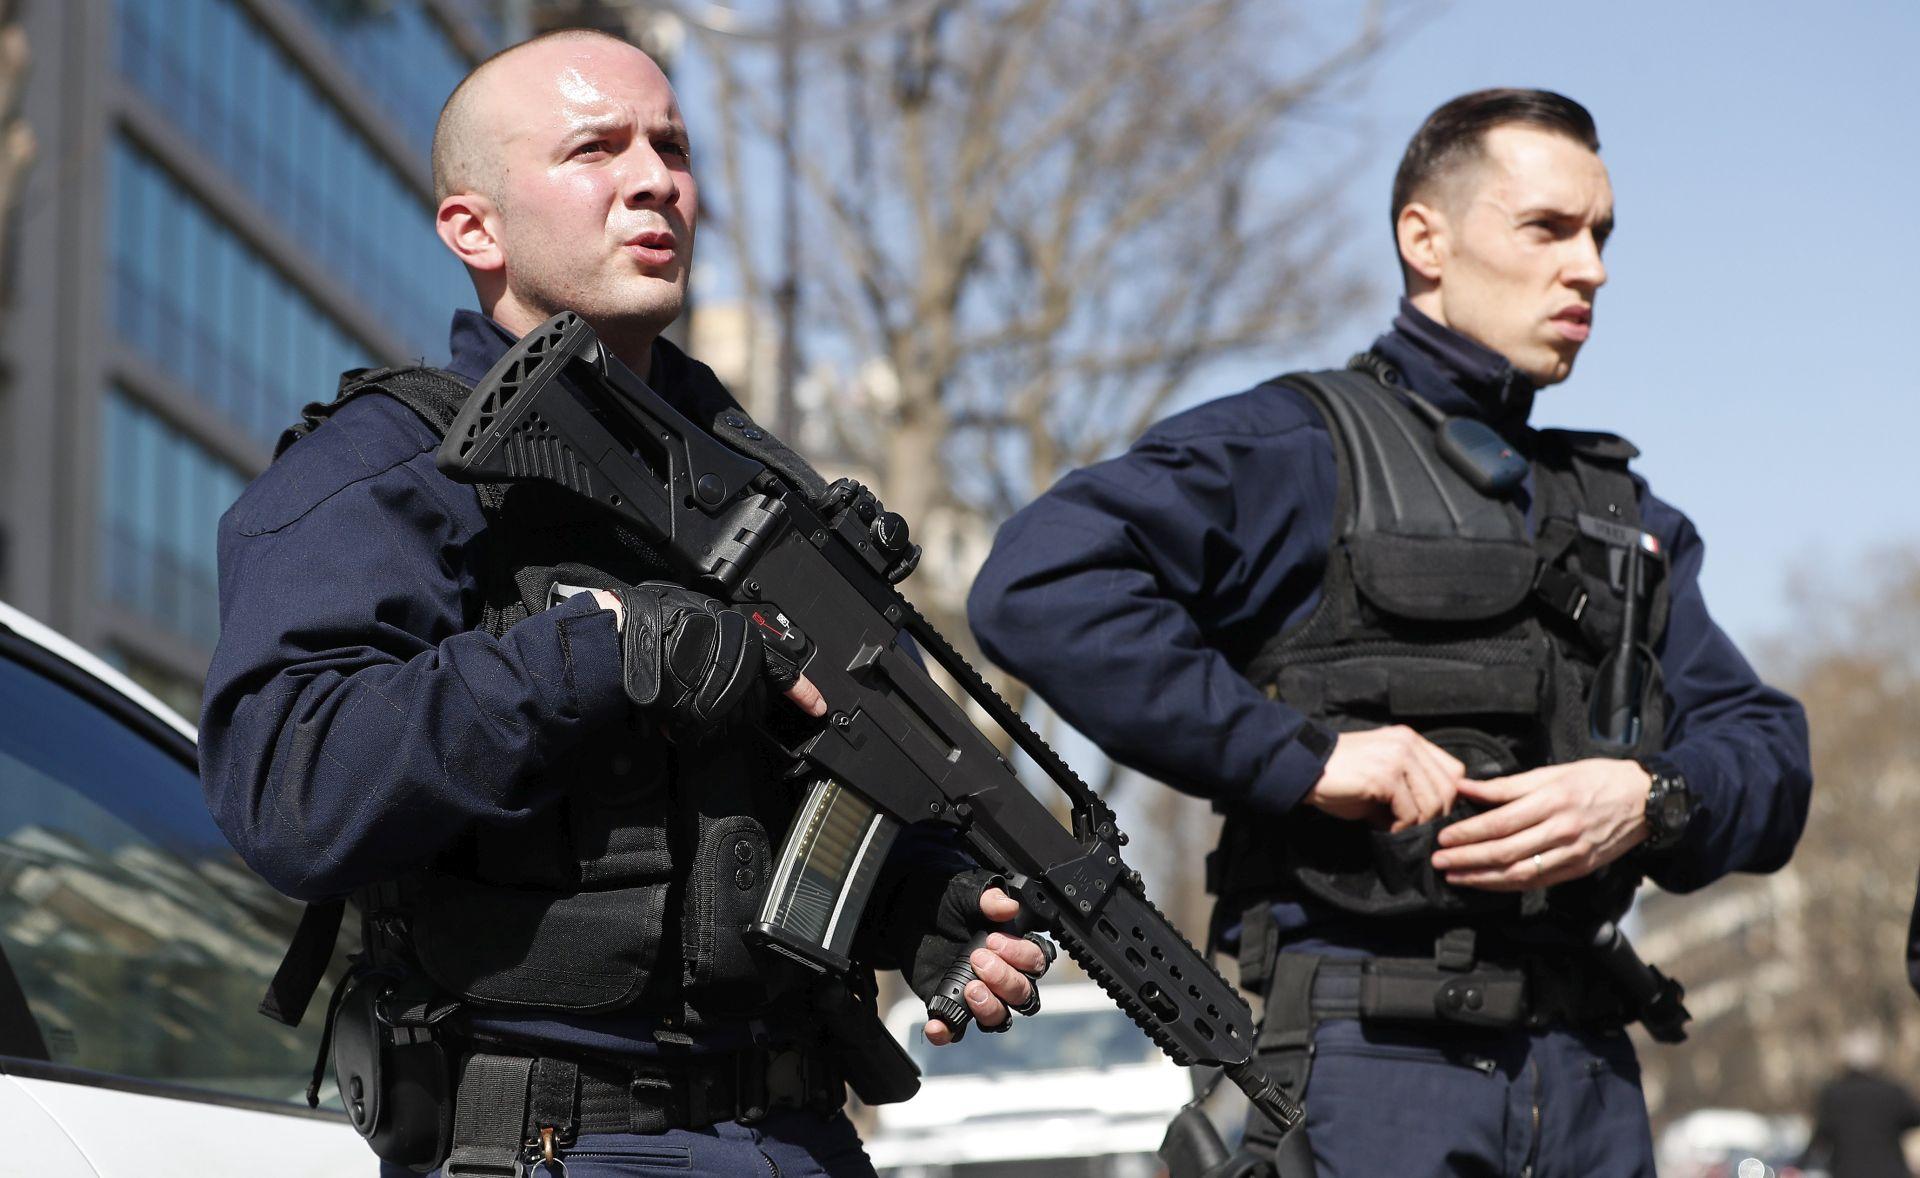 Zbog planiranog napada tijekom izbora uhićena dvojica muškaraca u Marseilleu